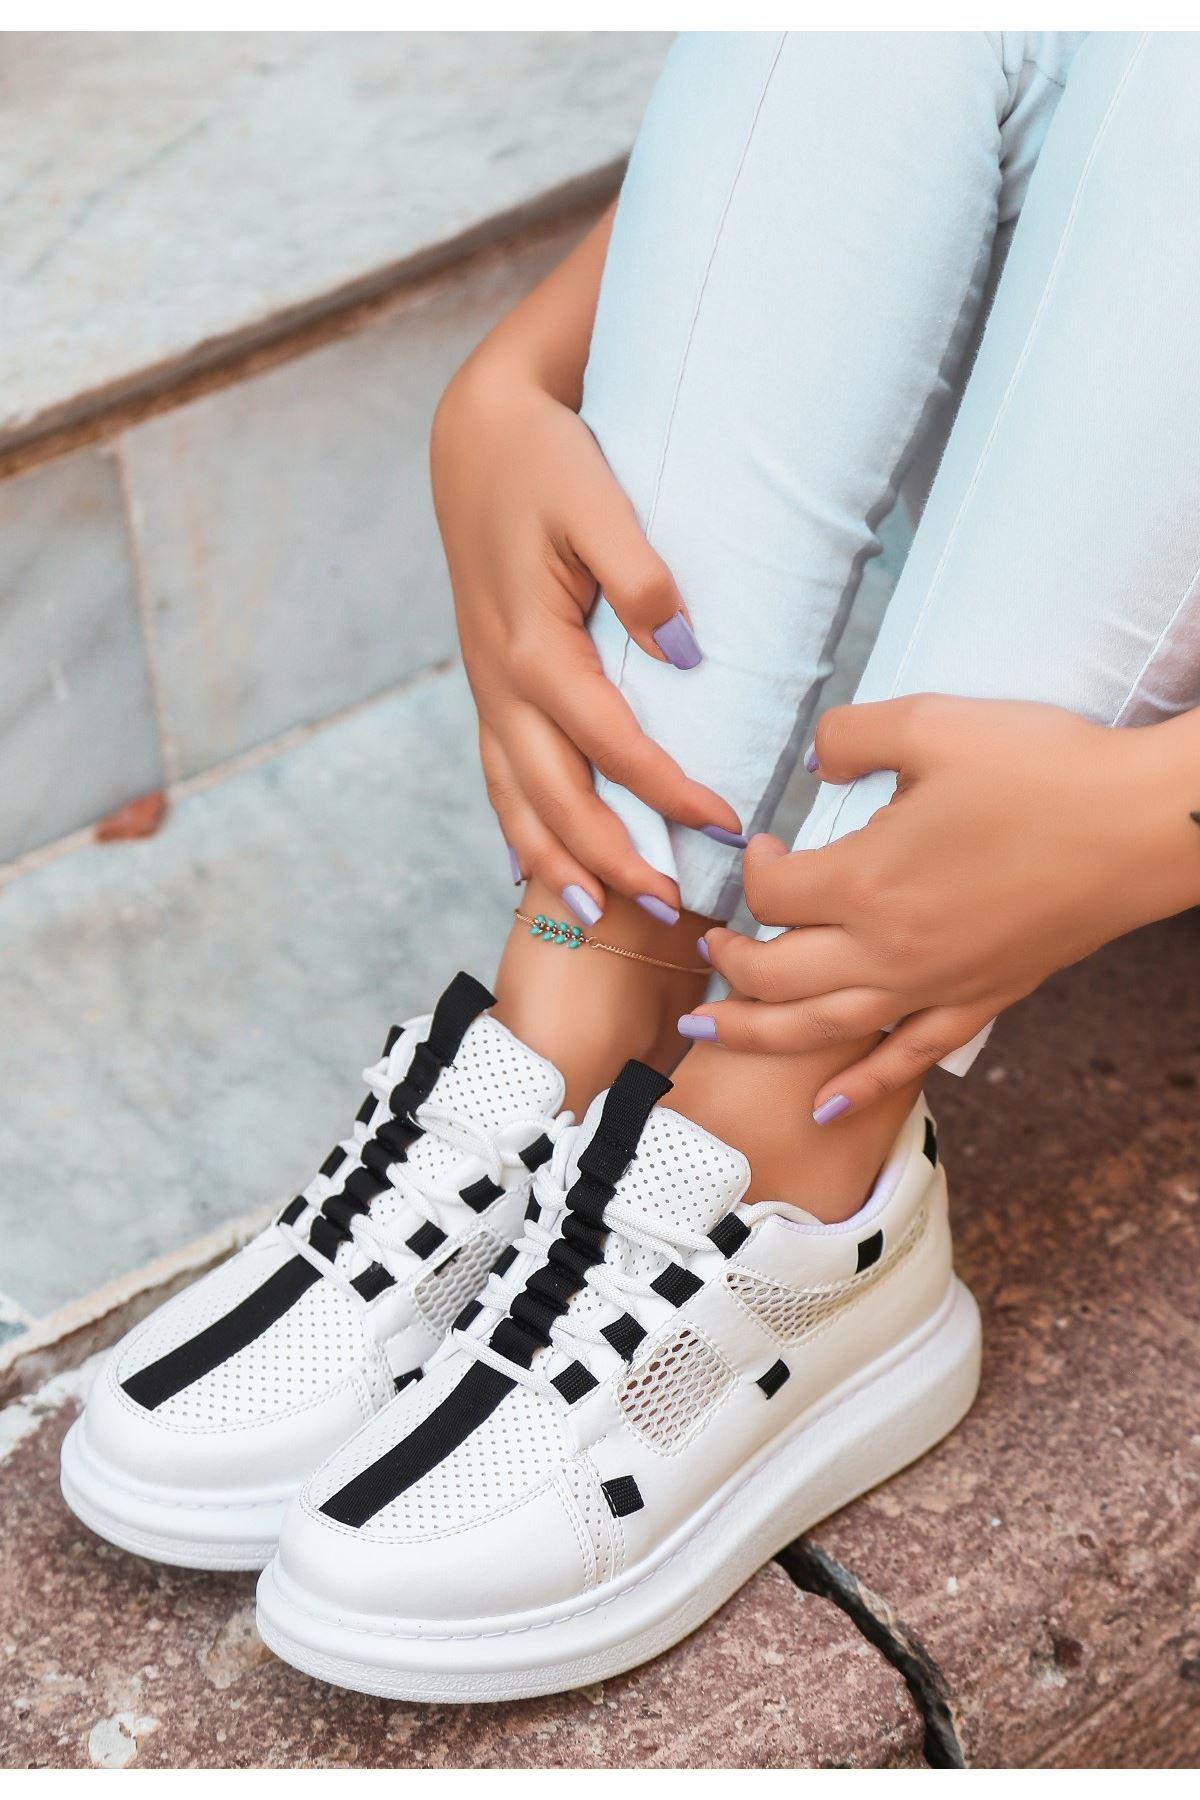 Voni Beyaz Cilt Fileli Spor Ayakkabı